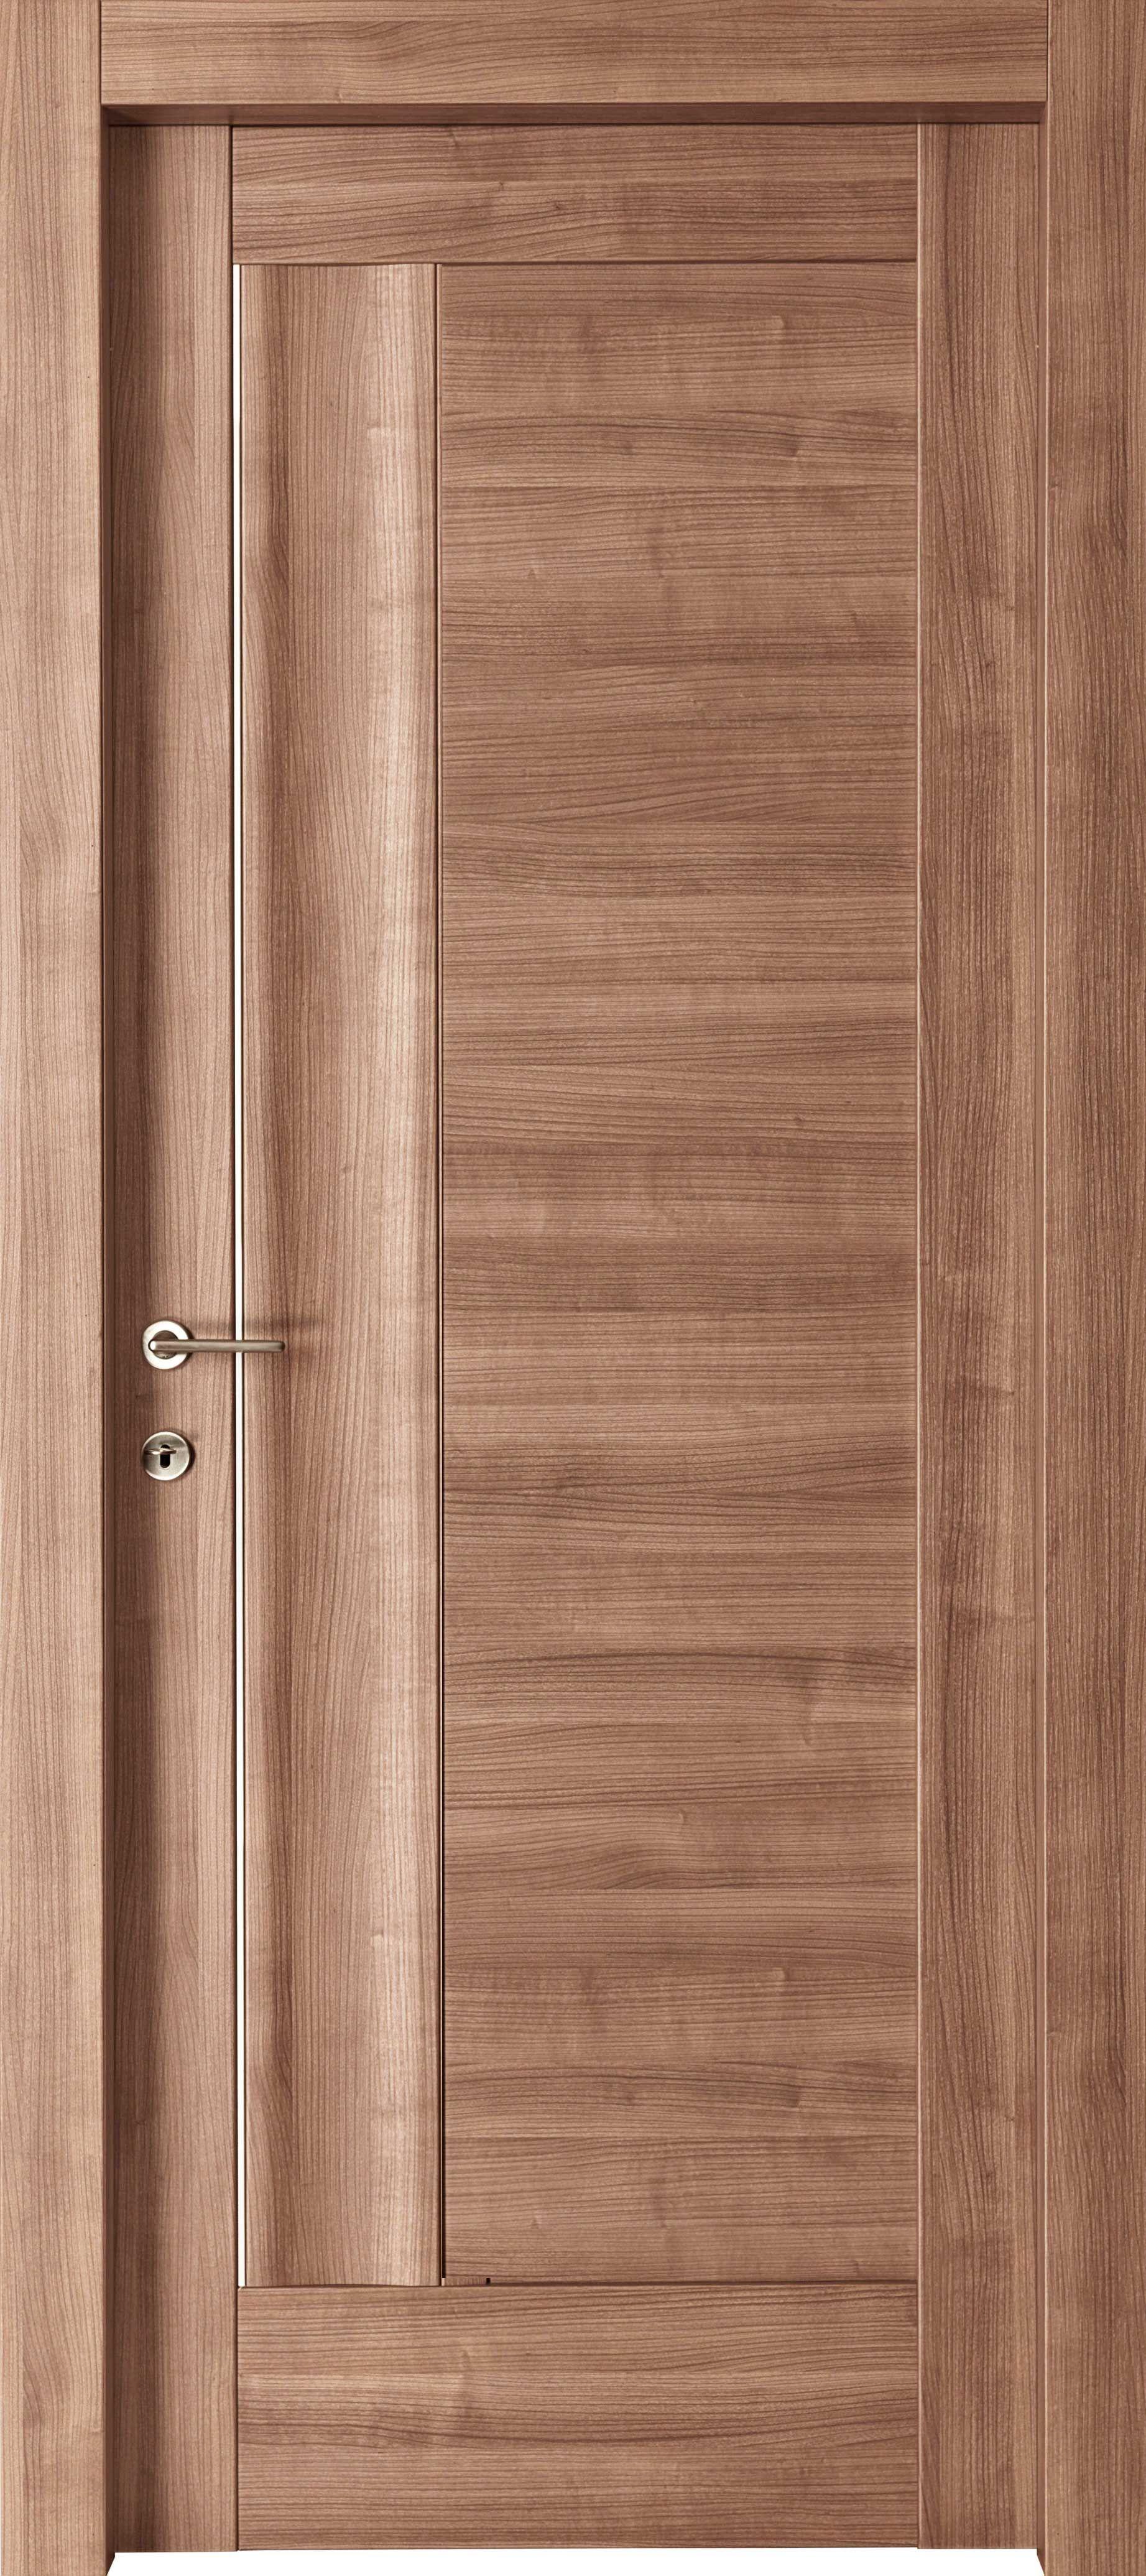 Porte Interne Color Ciliegio les 58 meilleures images de wooding doors | porte en bois